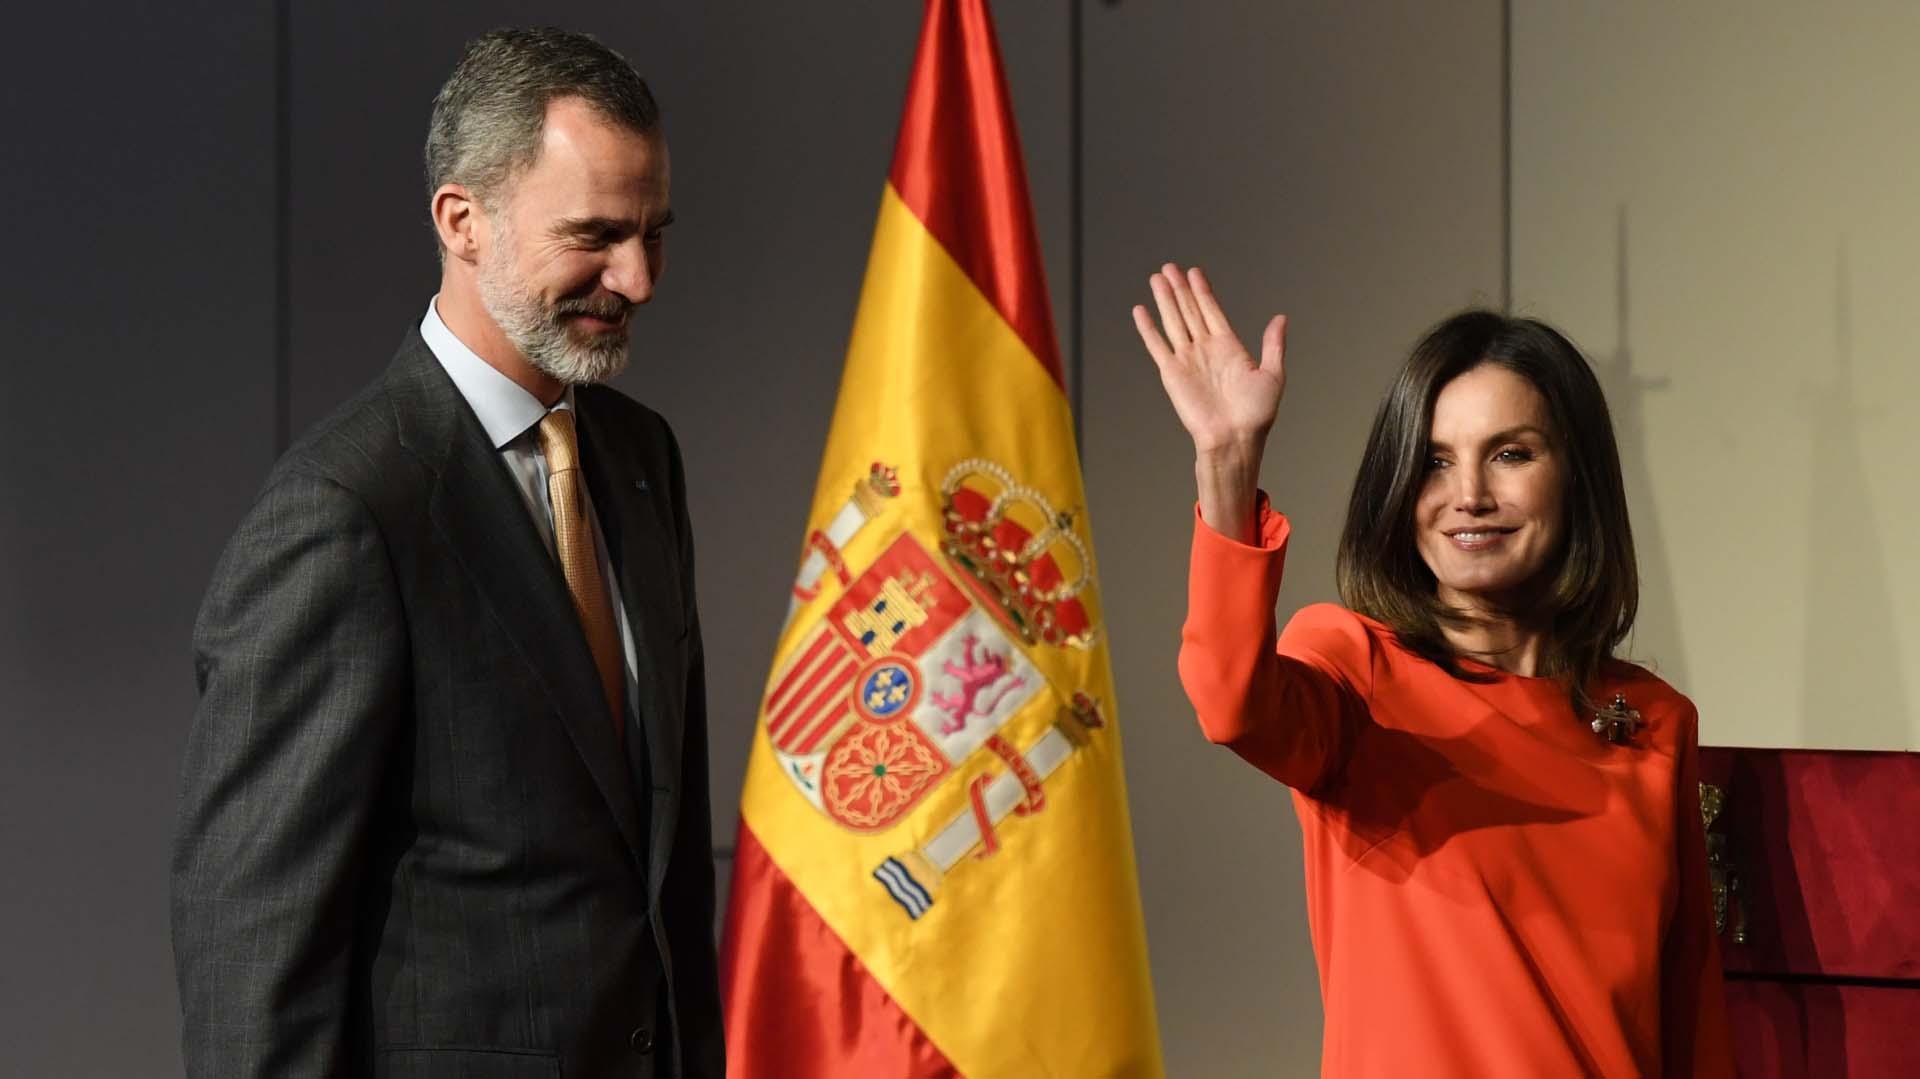 Para dar inicio al encuentro, que tuvo lugar en La Rural de Palermo, sonó el himno nacional español